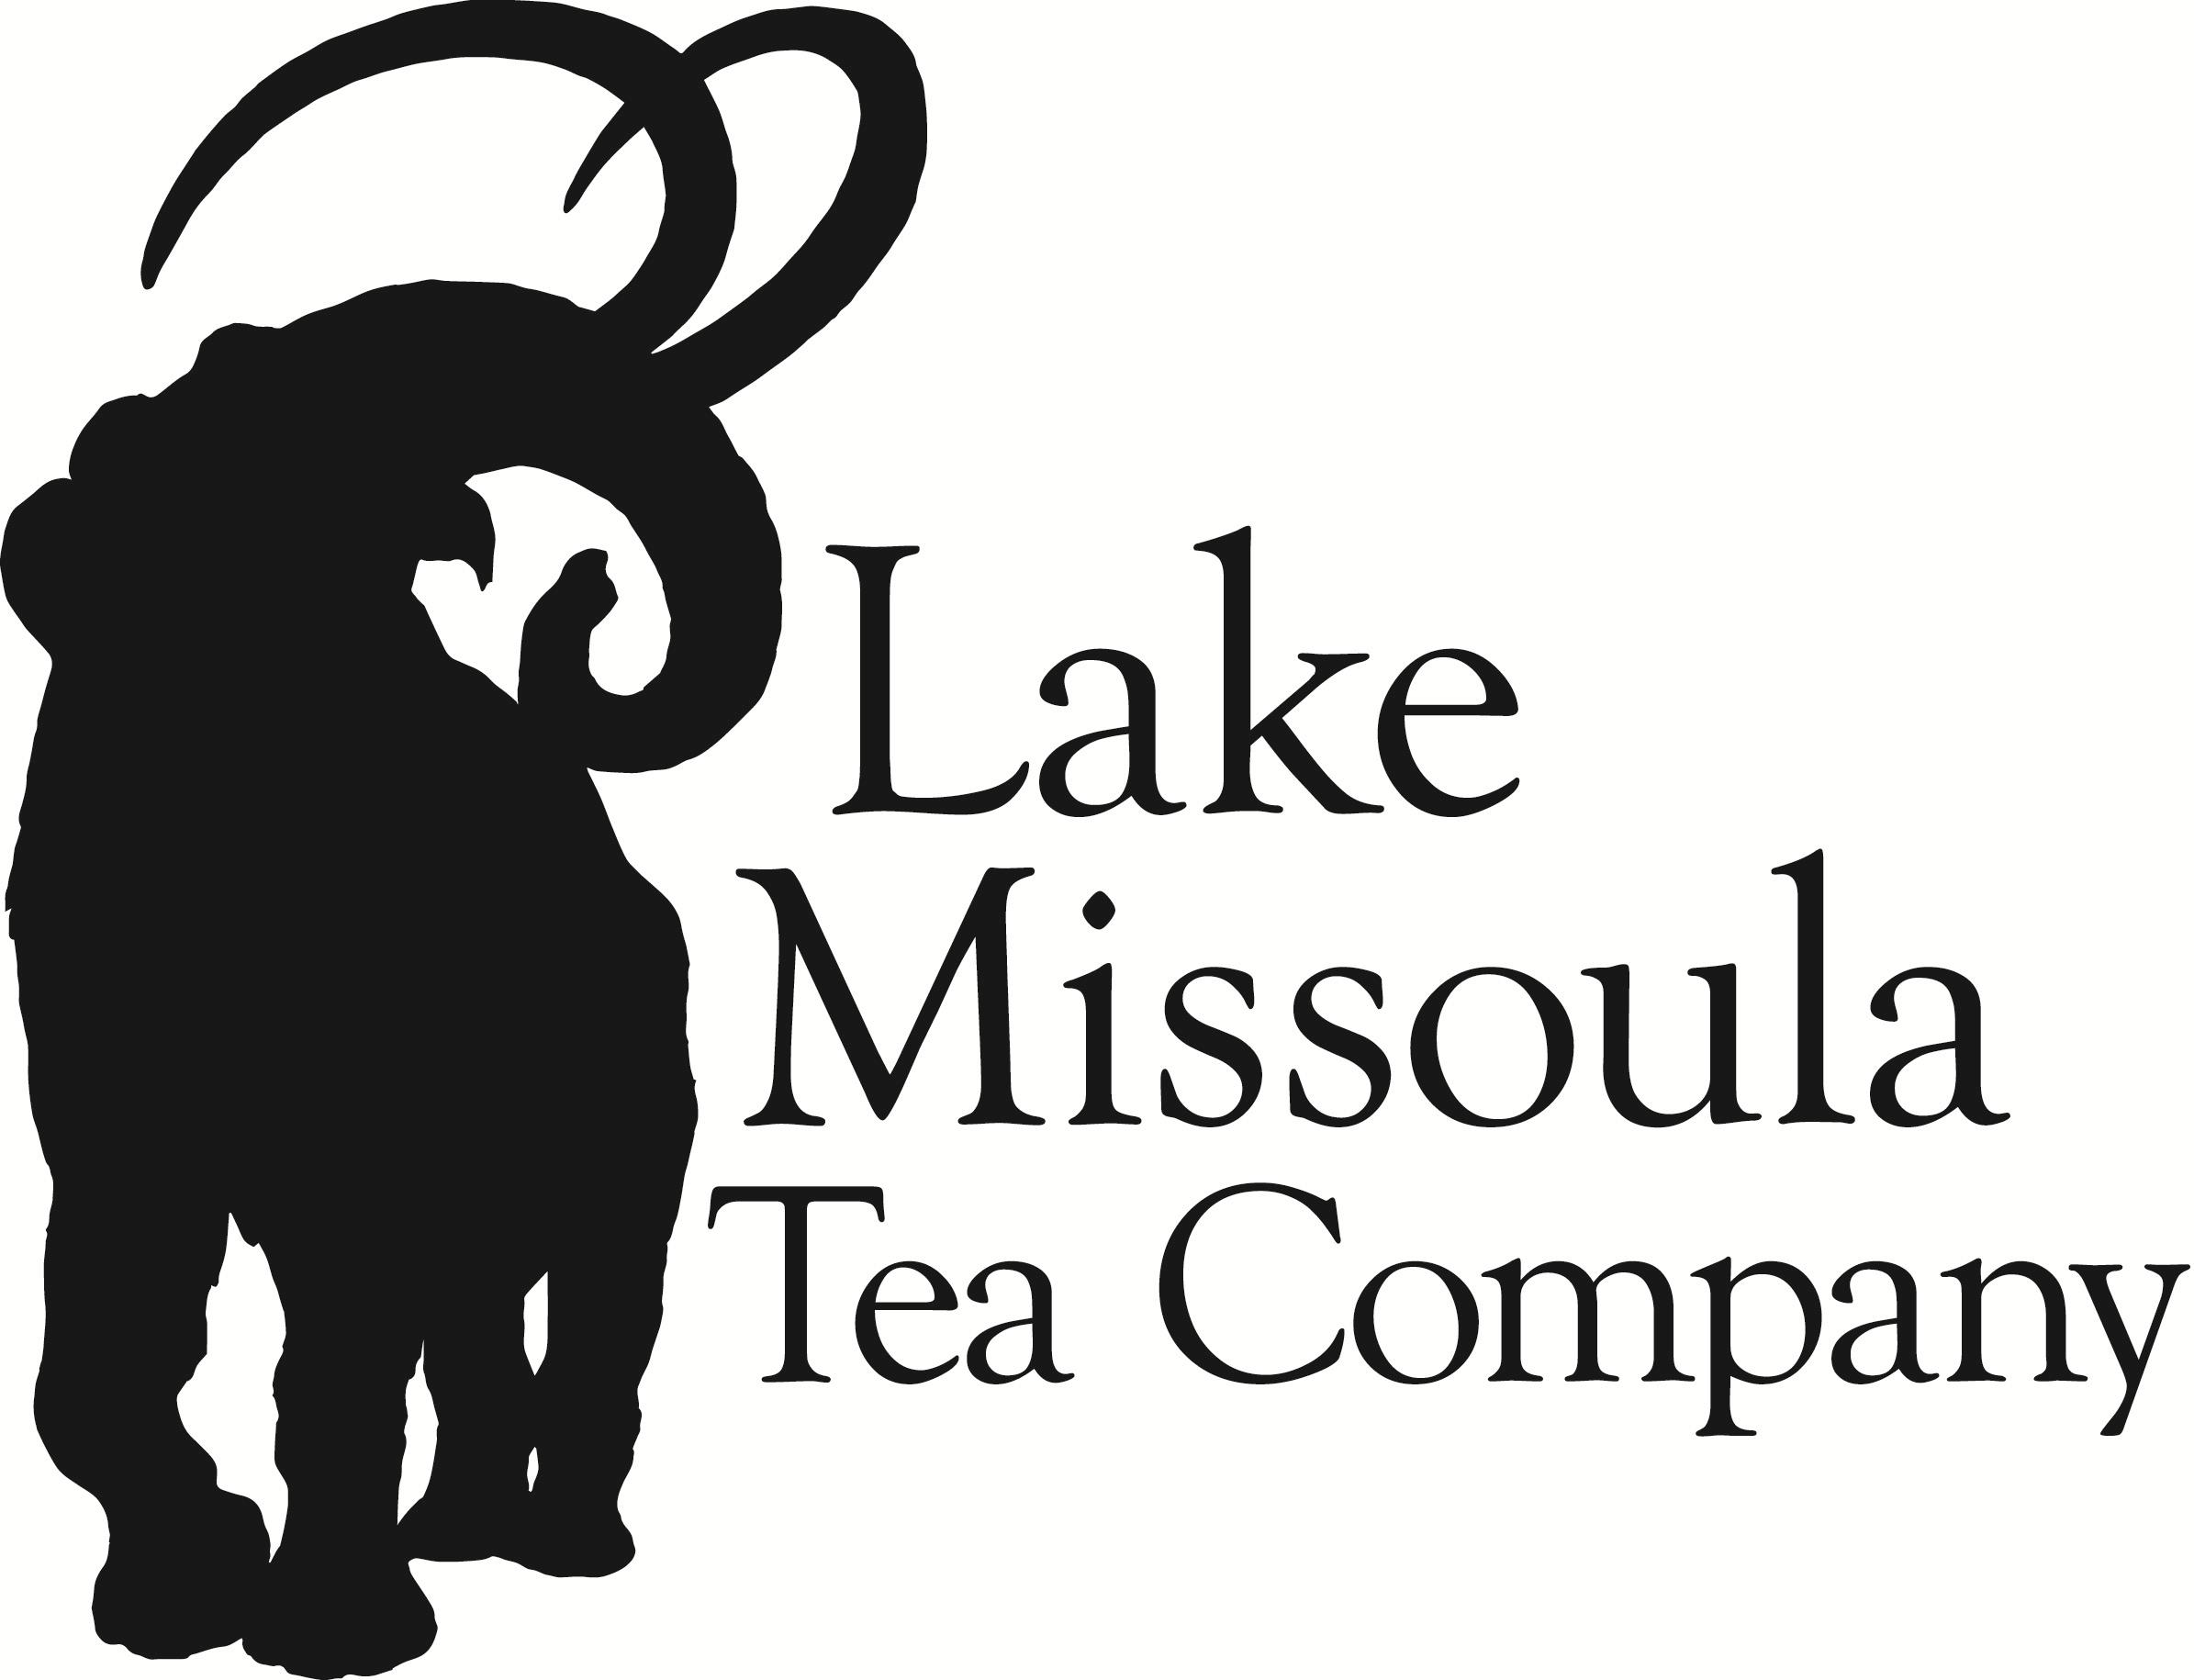 lake-missoula-tea-company-logo-one-color